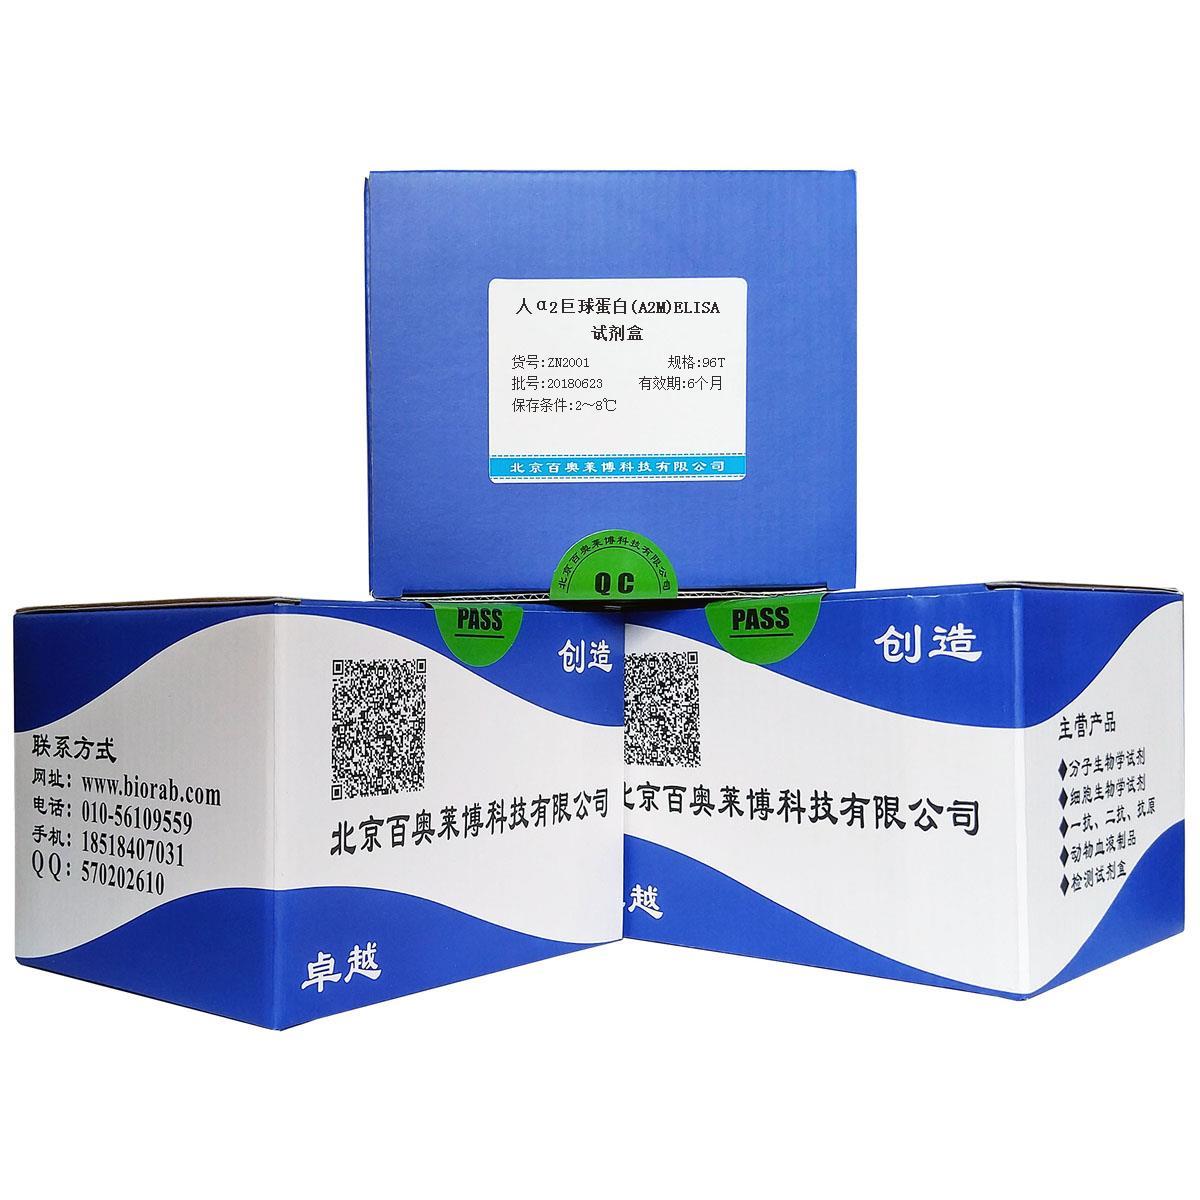 人α2巨球蛋白(A2M)ELISA试剂盒说明书